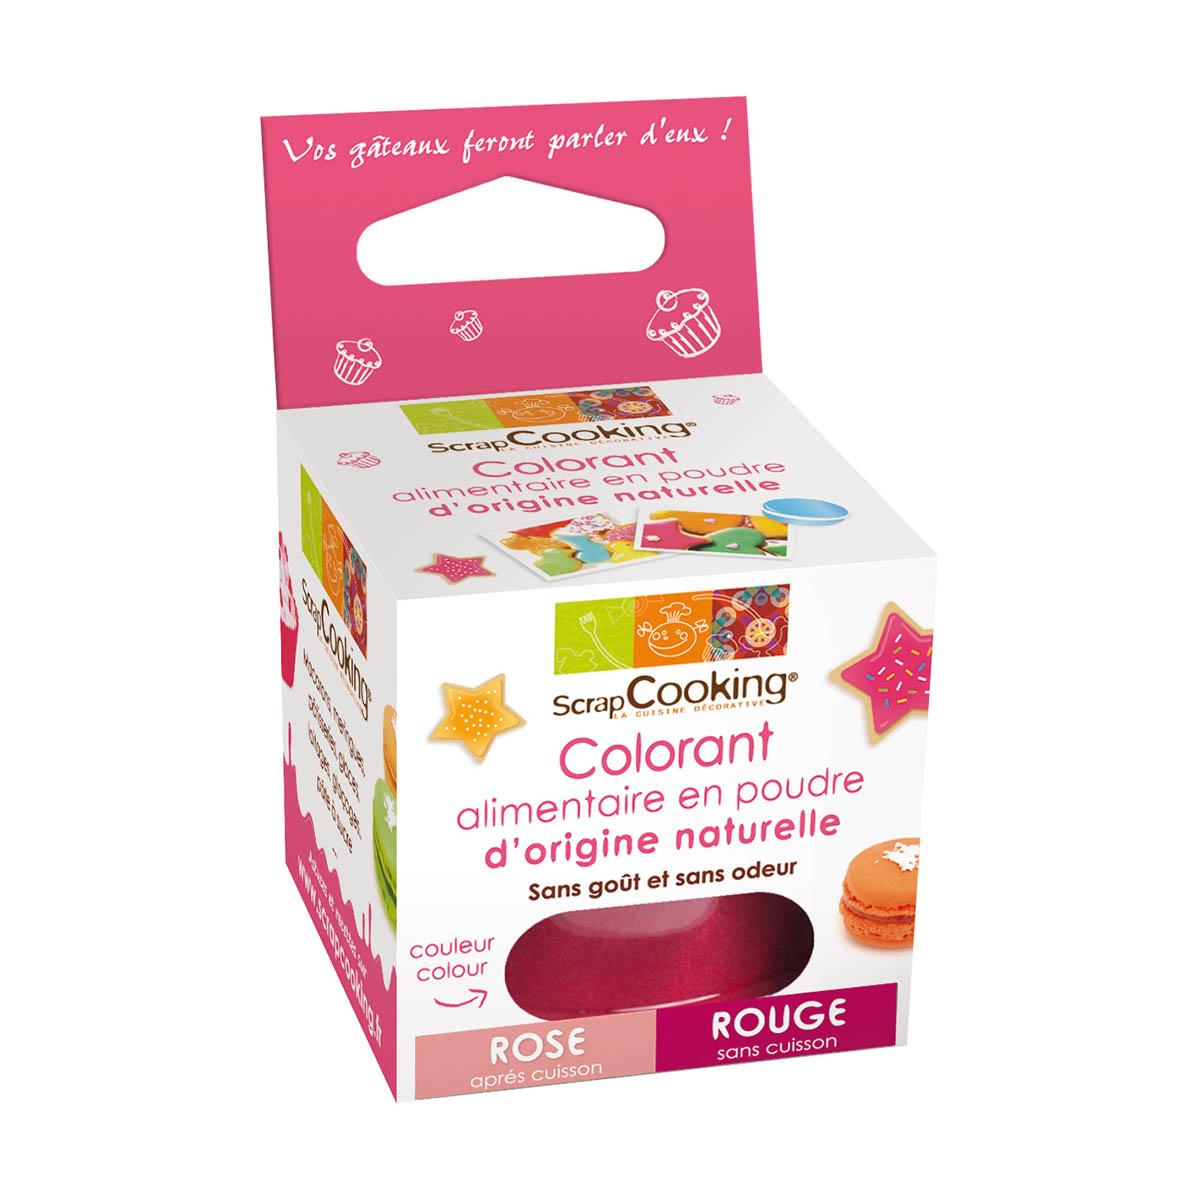 Image du produit Colorant alimentaire d'origine naturelle - rouge - Scrapcooking